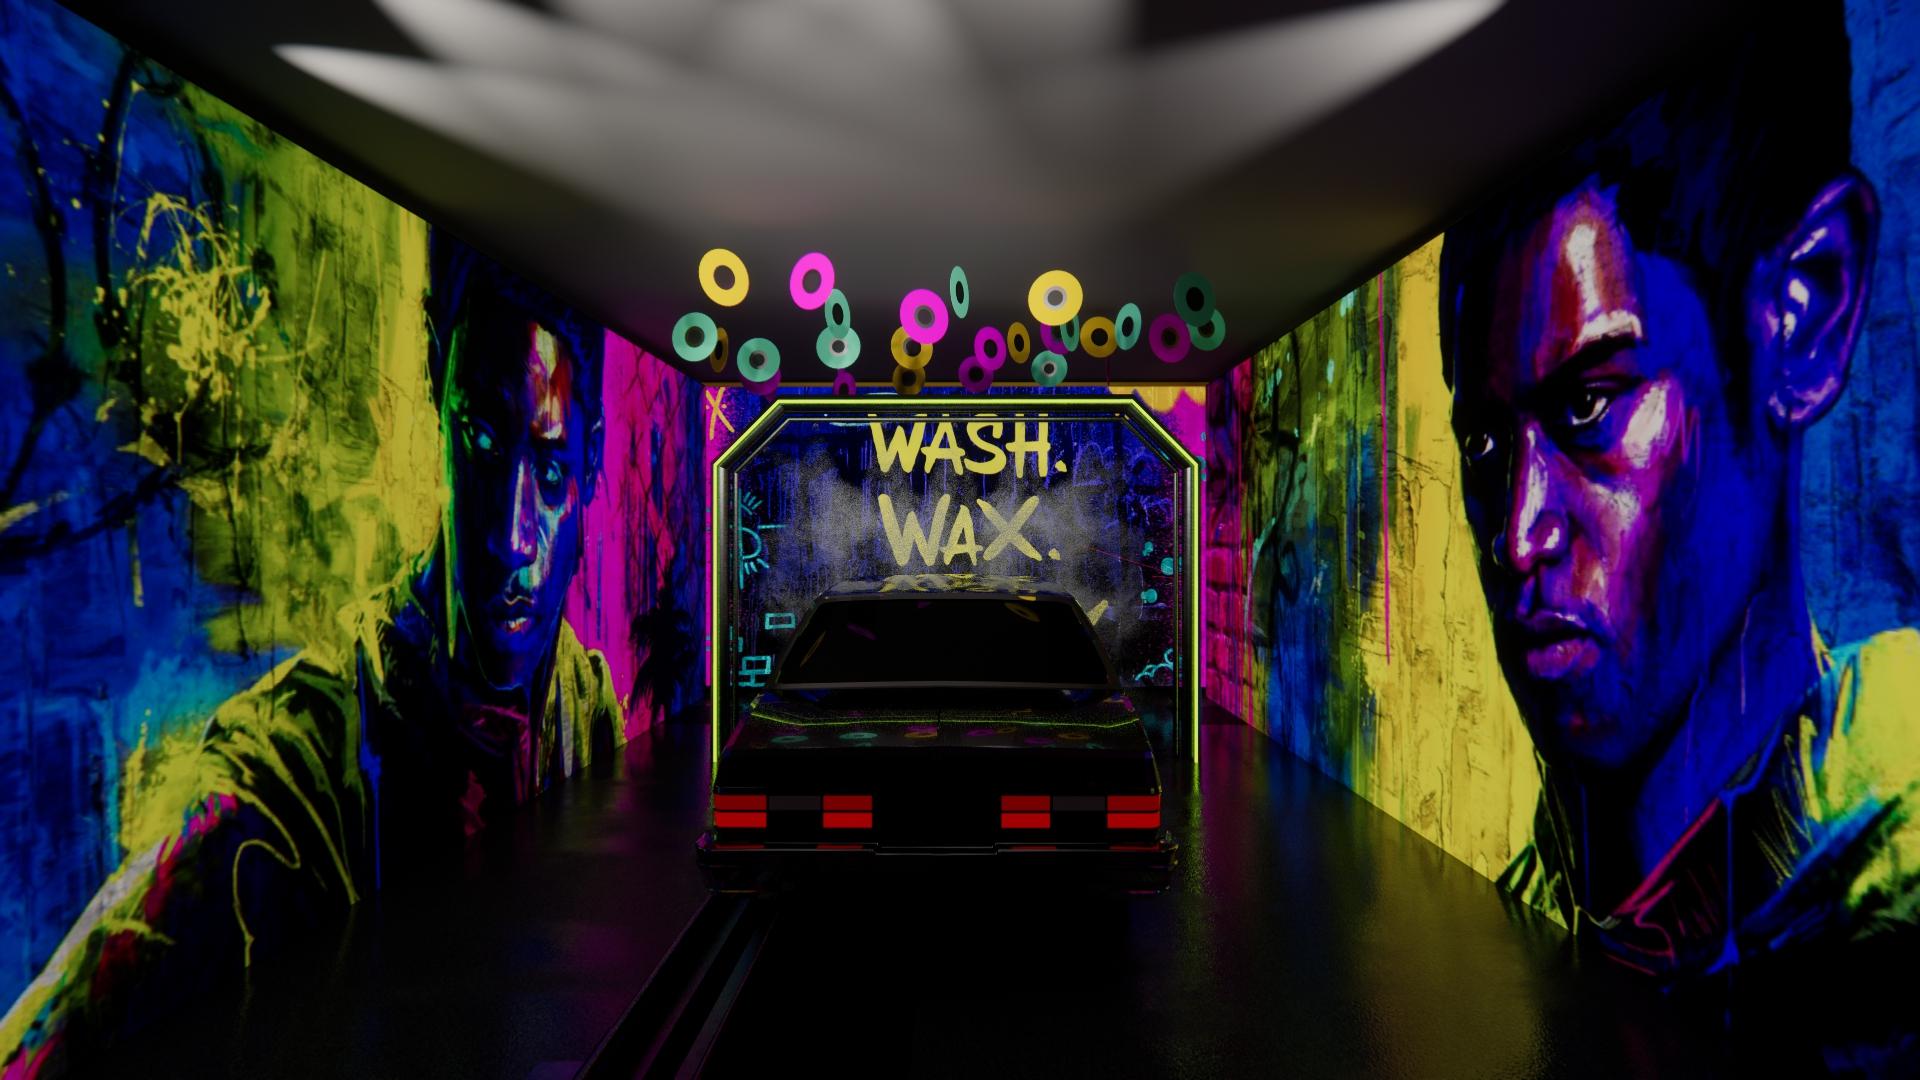 Snowfall Neighborhood Car Wash Experience in Los Angeles